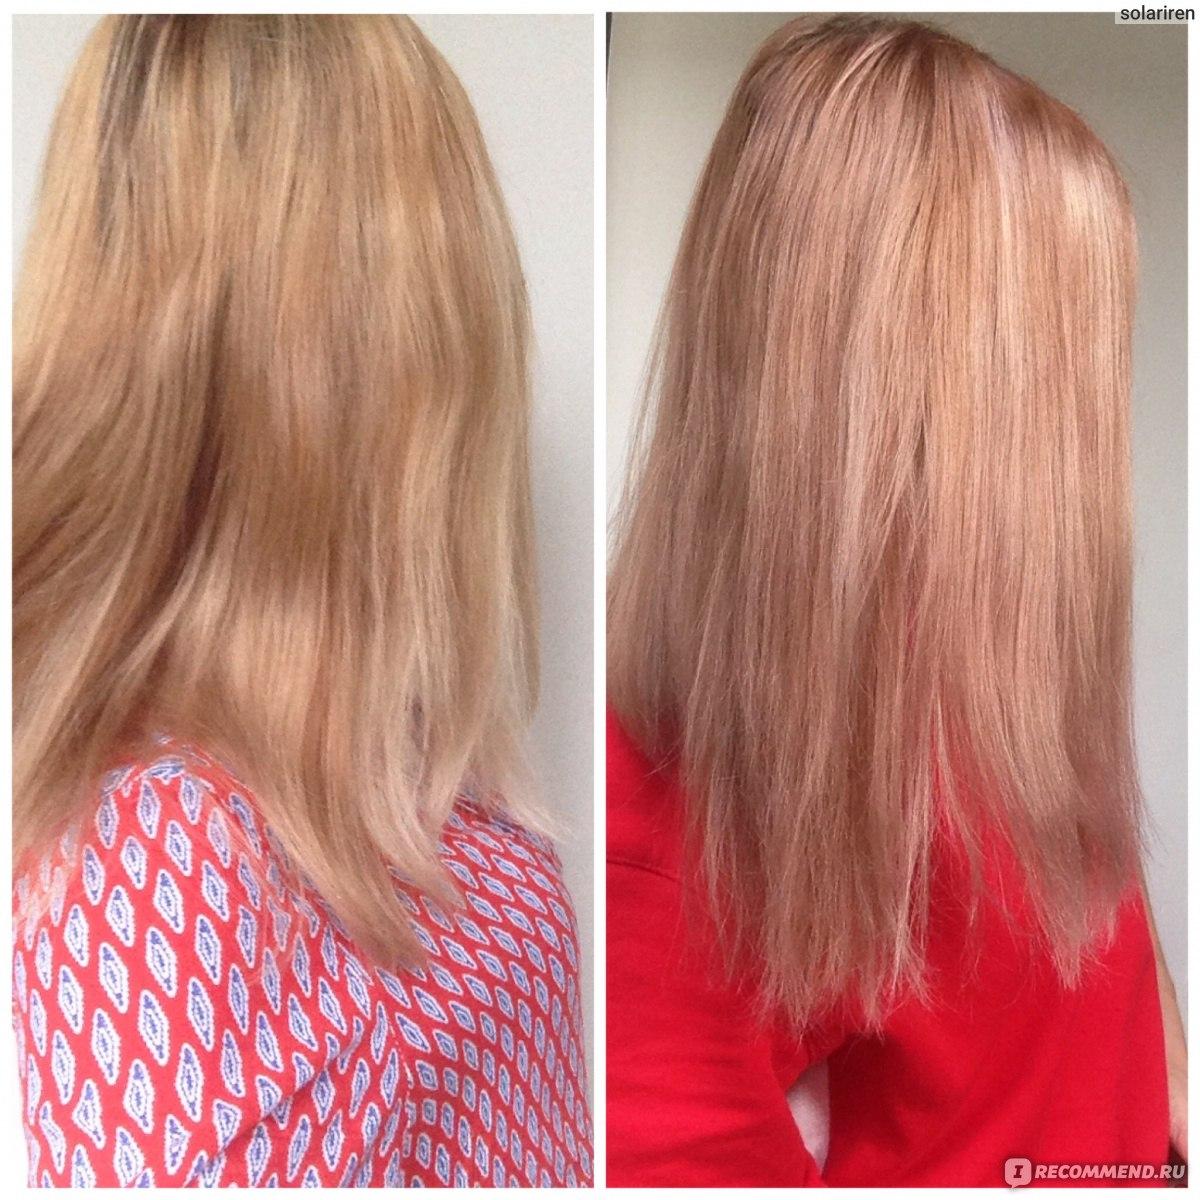 Краска эстель палитра цветов фото на волосах